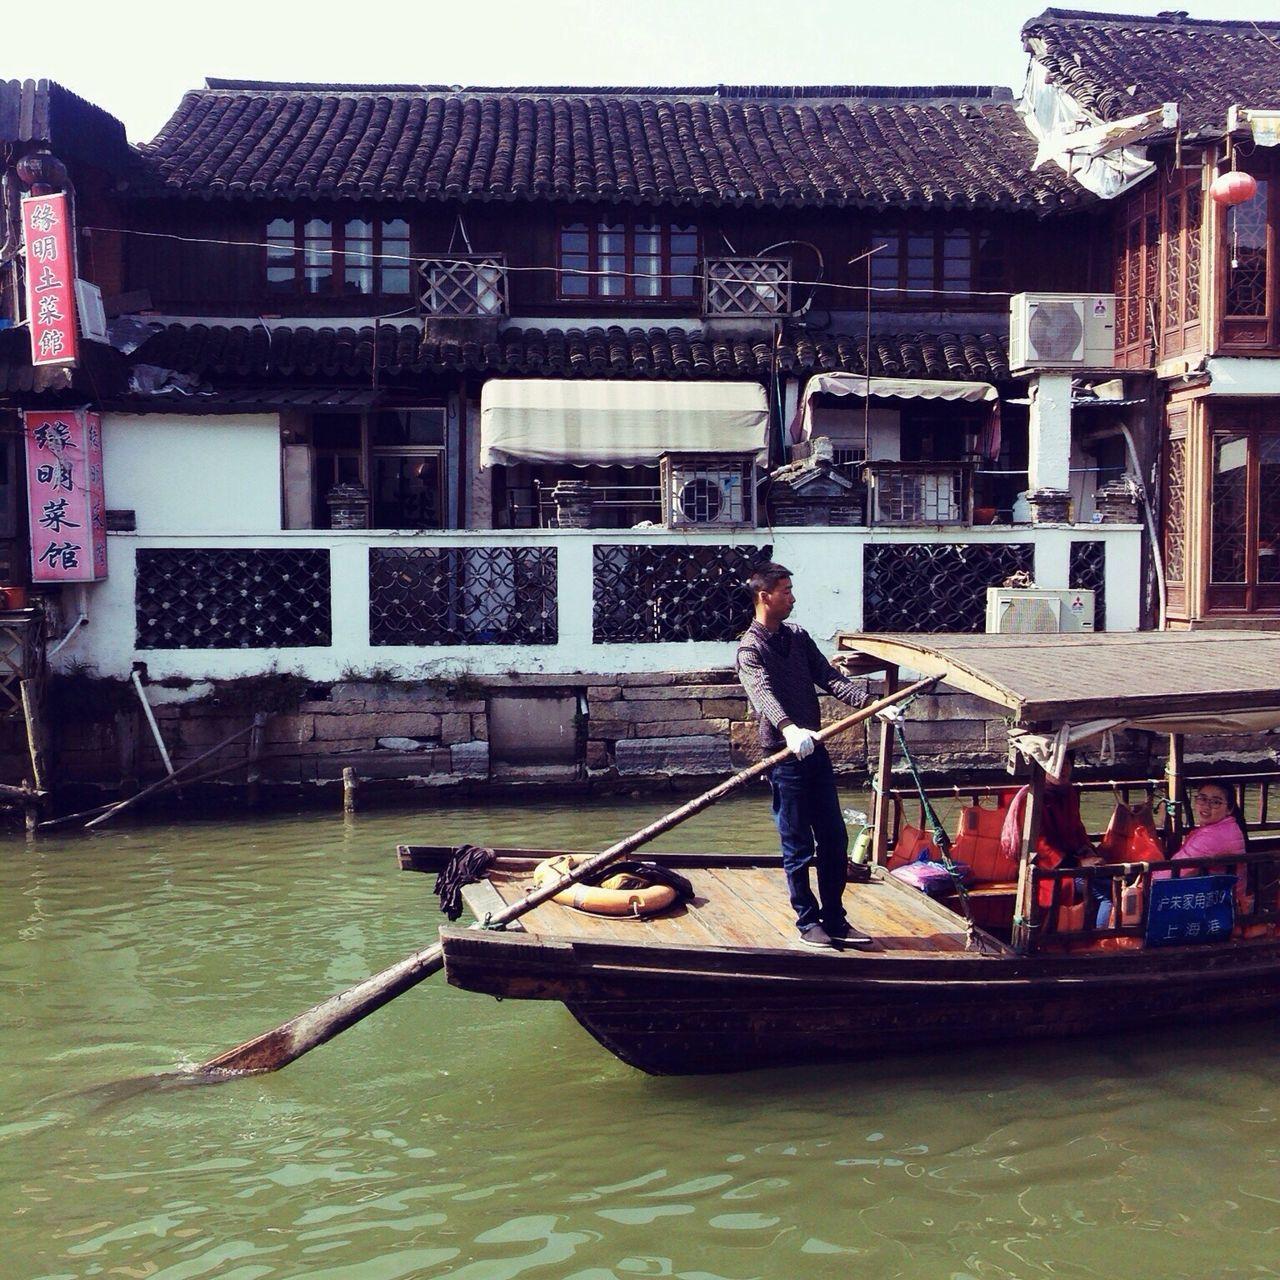 Gondolier Gondola - Traditional Boat Rowing Water Waterside Zhujiajiao Shanghai China